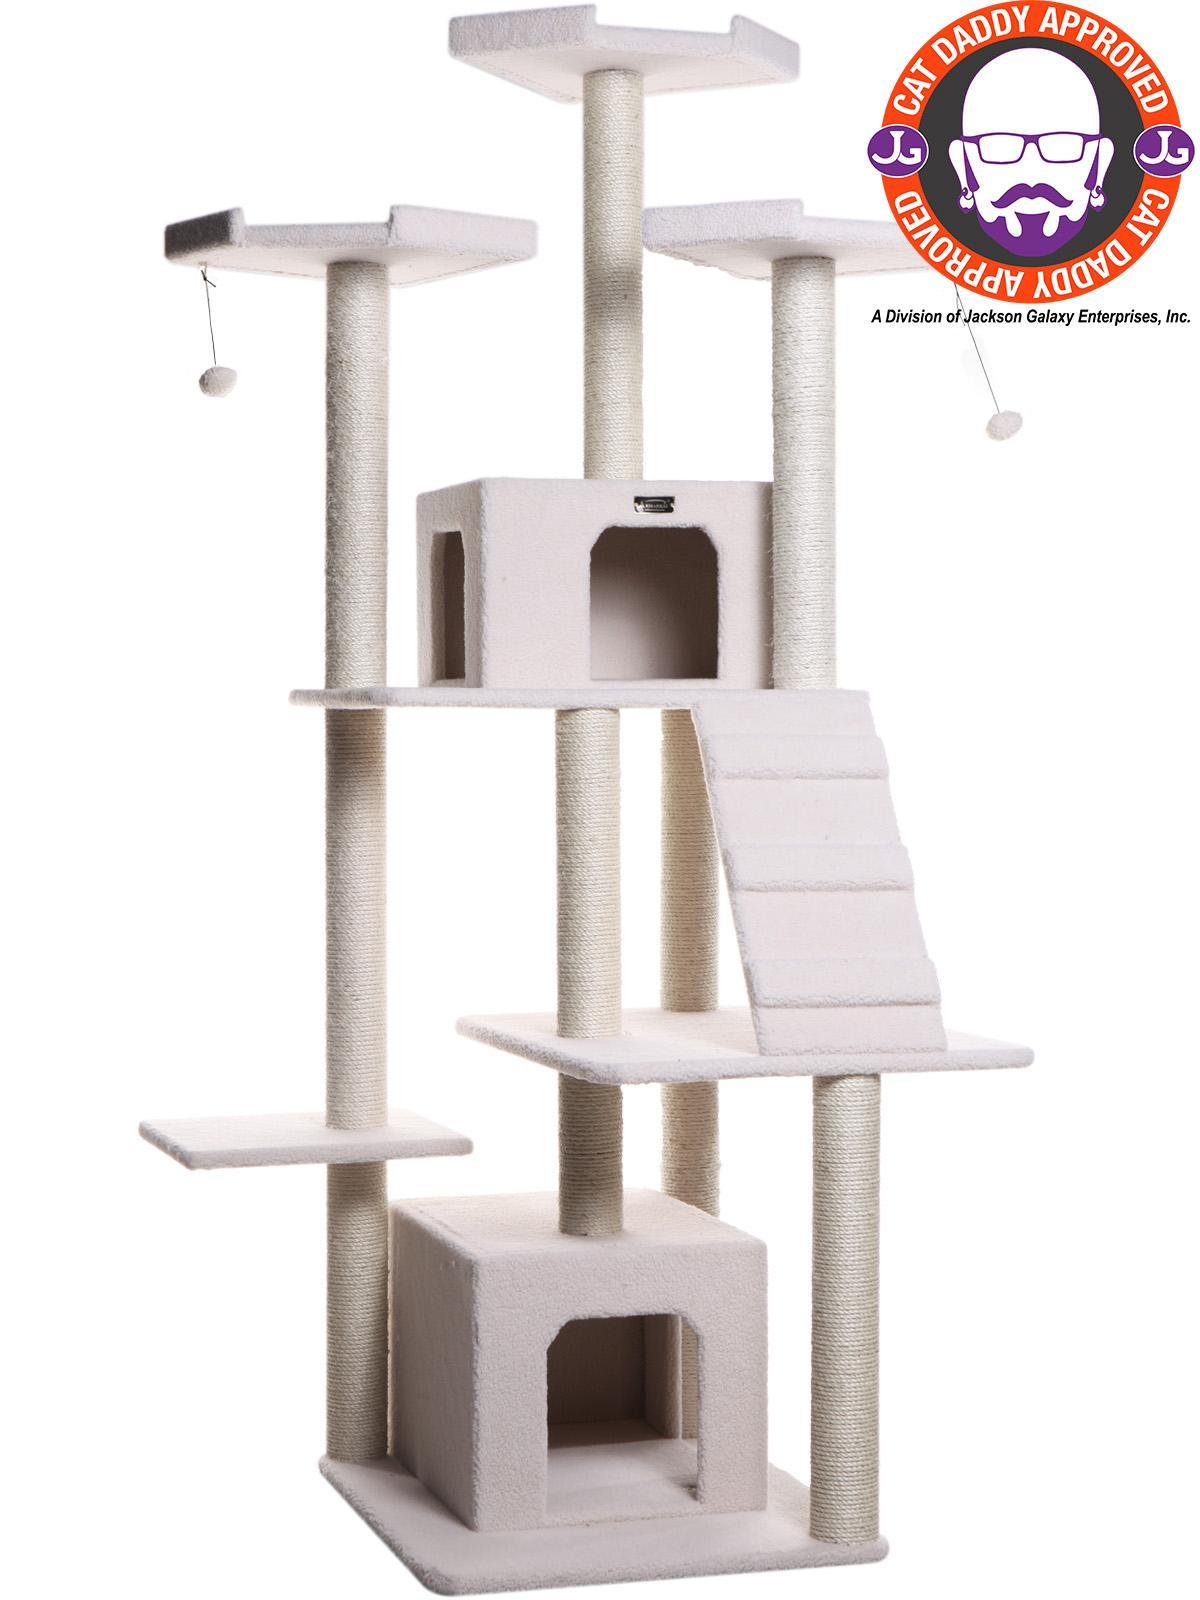 Armarkat Cat Tree Model B8201, ivry